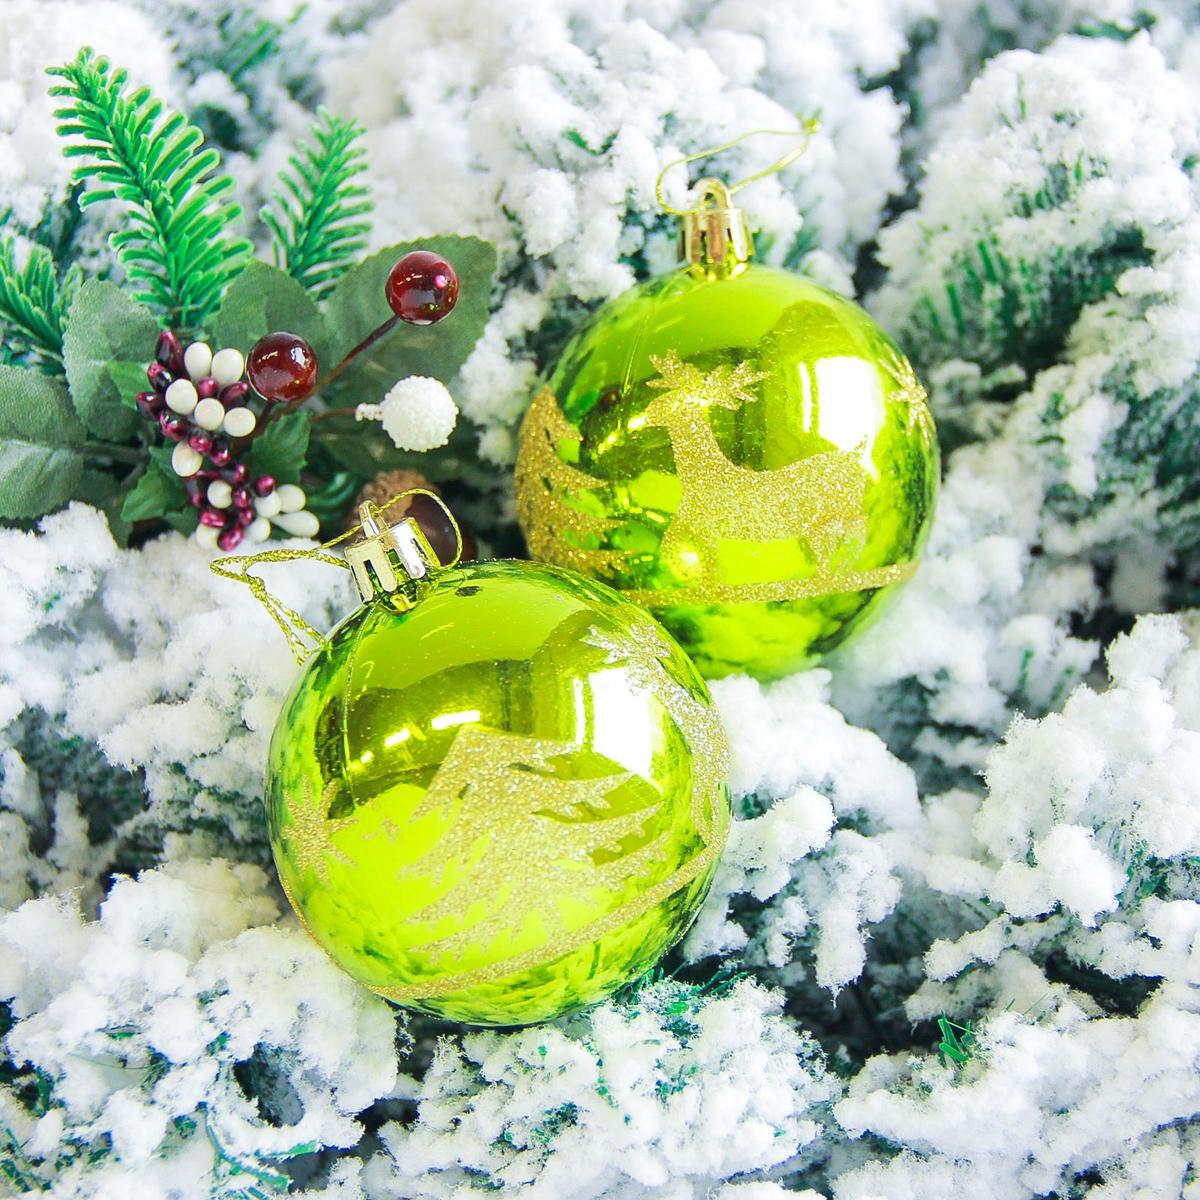 Набор новогодних подвесных украшений Sima-land Гордый олень, диаметр 7 см, 6 шт2178201Невозможно представить нашу жизнь без праздников! Мы всегда ждём их и предвкушаем, обдумываем, как проведём памятный день, тщательно выбираем подарки и аксессуары, ведь именно они создают и поддерживают торжественный настрой.